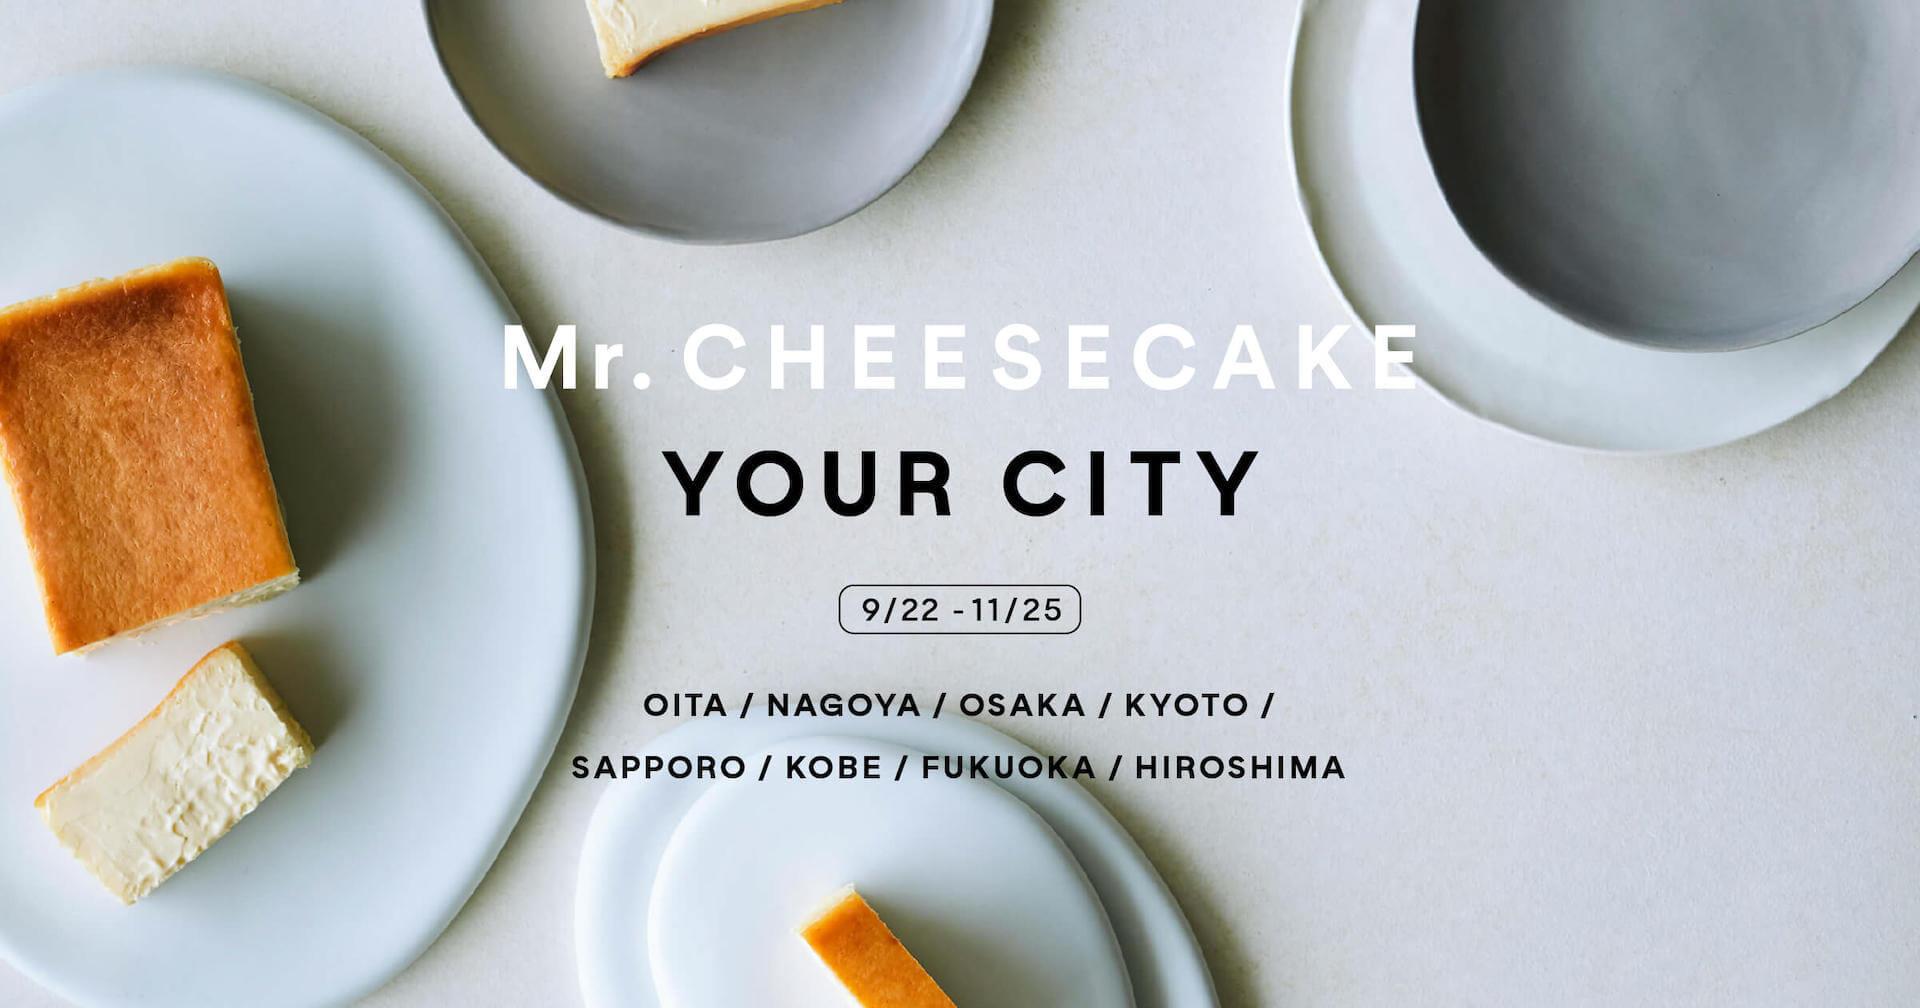 極上のチーズケーキがあなたの街にやってくる!Mr. CHEESECAKEのポップアップストアが全国8ヶ所でオープン gourmet210915_mrcheesecake_3